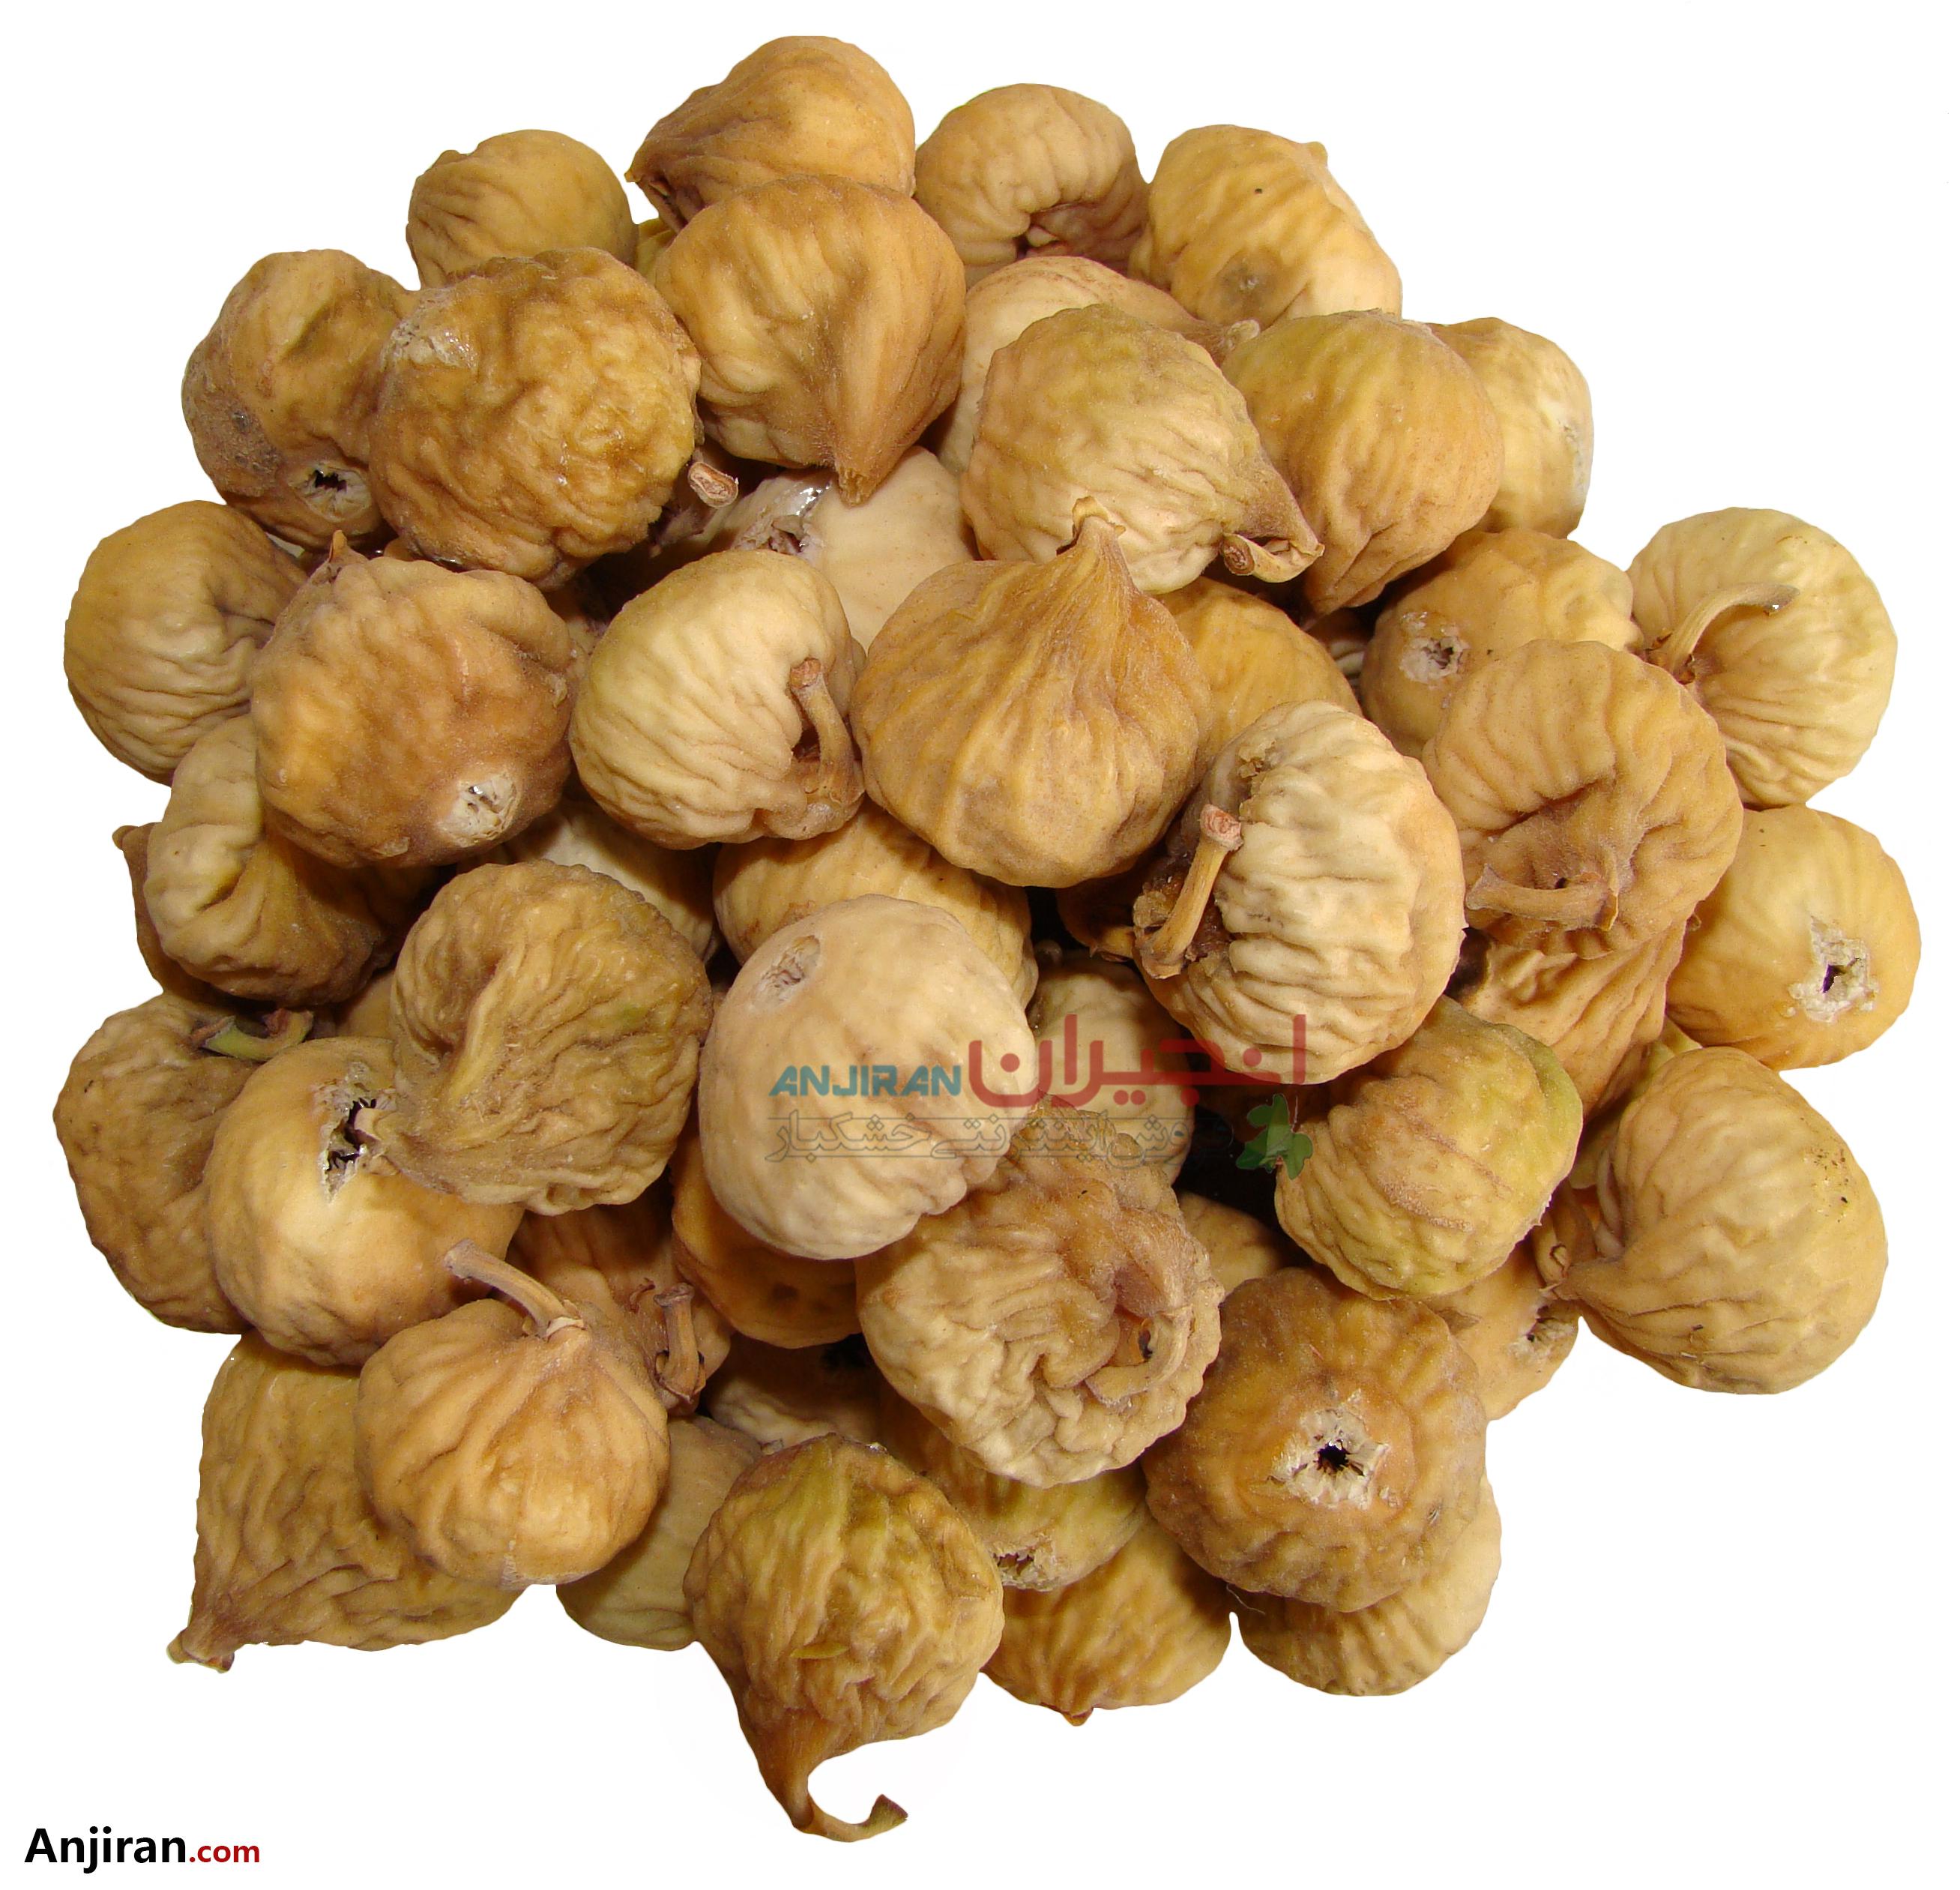 انجیر خشک معمولی - Iranian Common Dry Figs